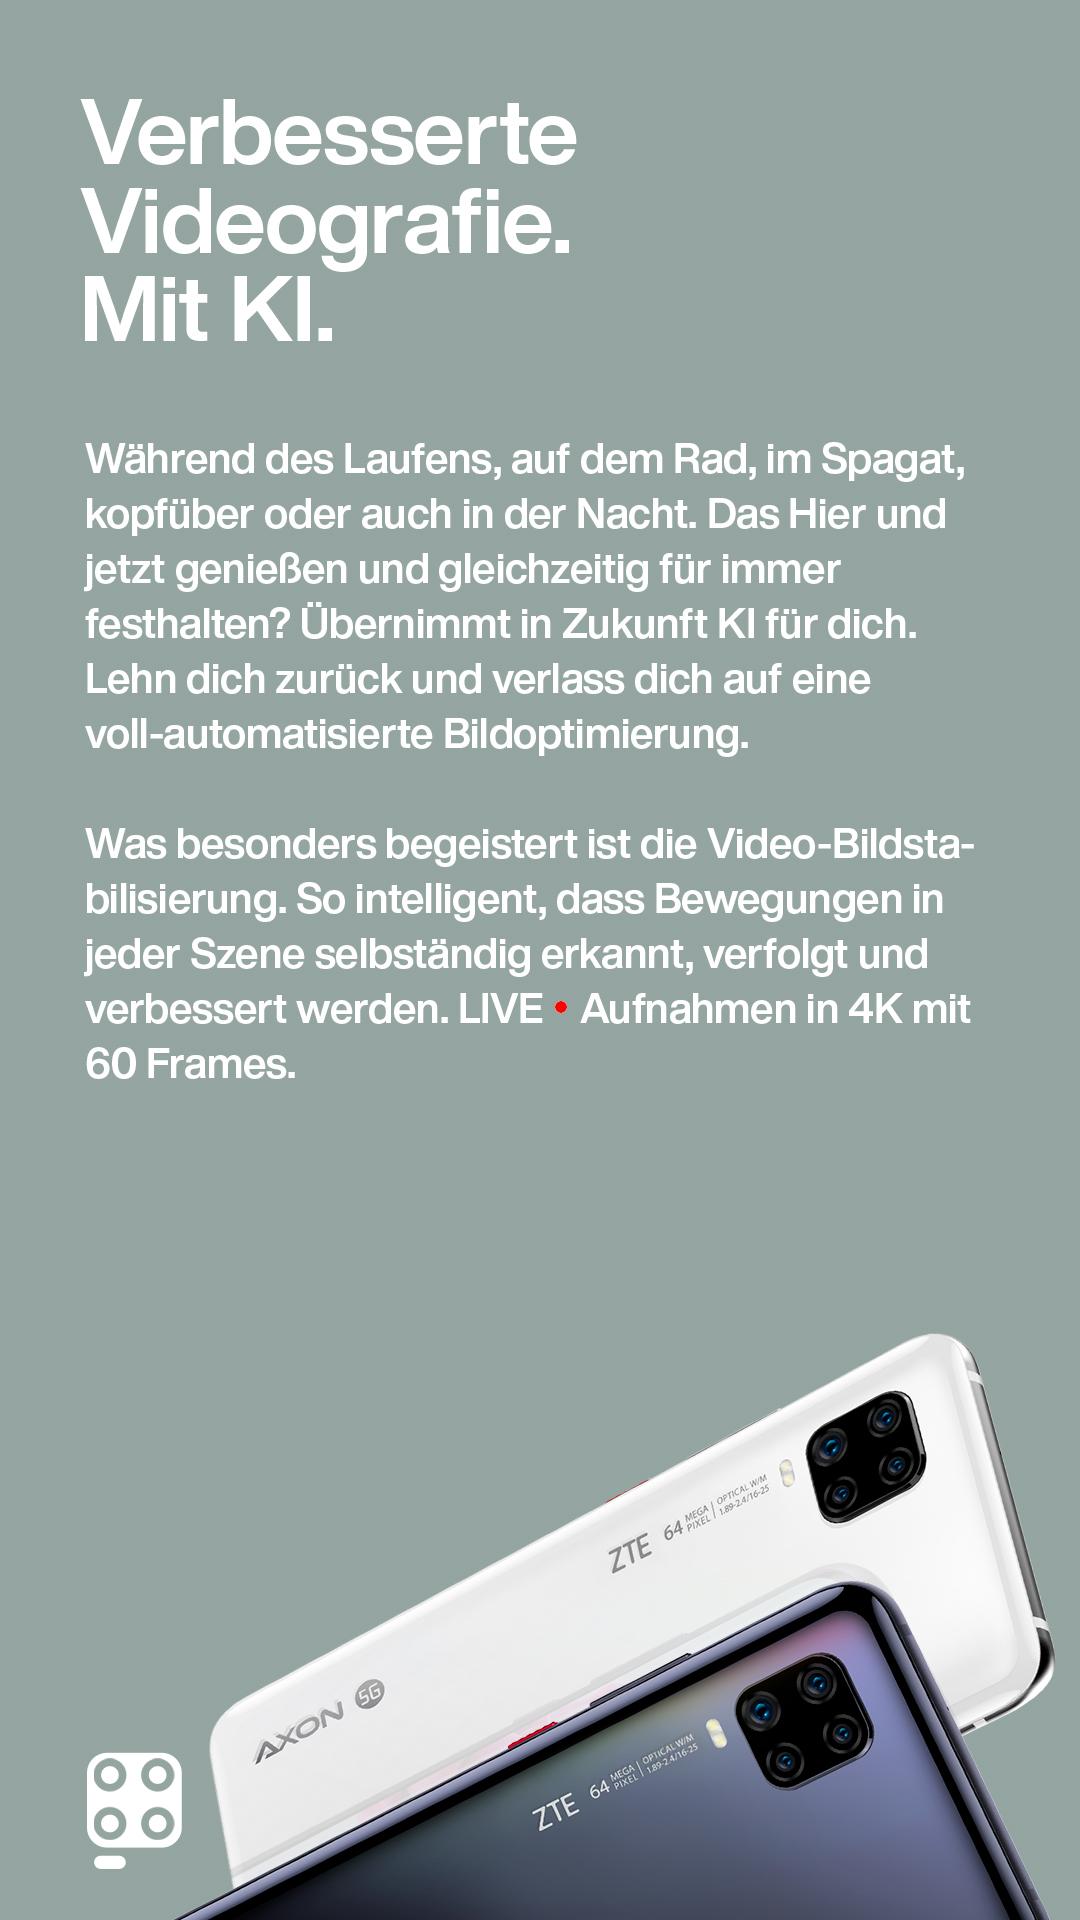 schwarzes und weißes smartphone in perspektive responsiv